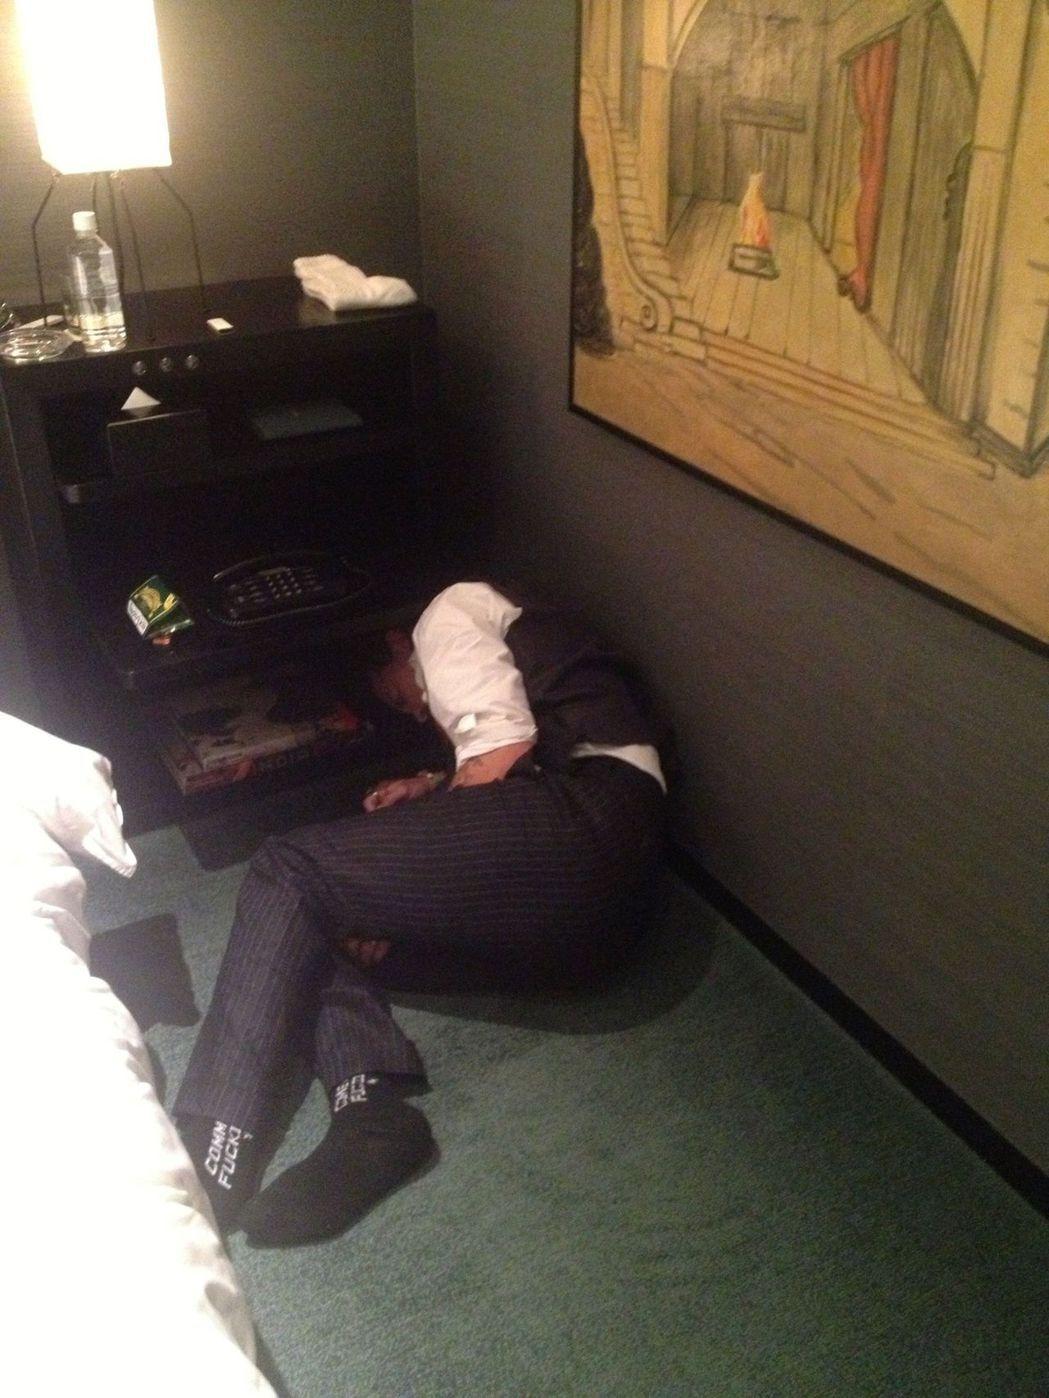 強尼戴普吸毒後倒在地上的照片,被拿來當證物。(路透)